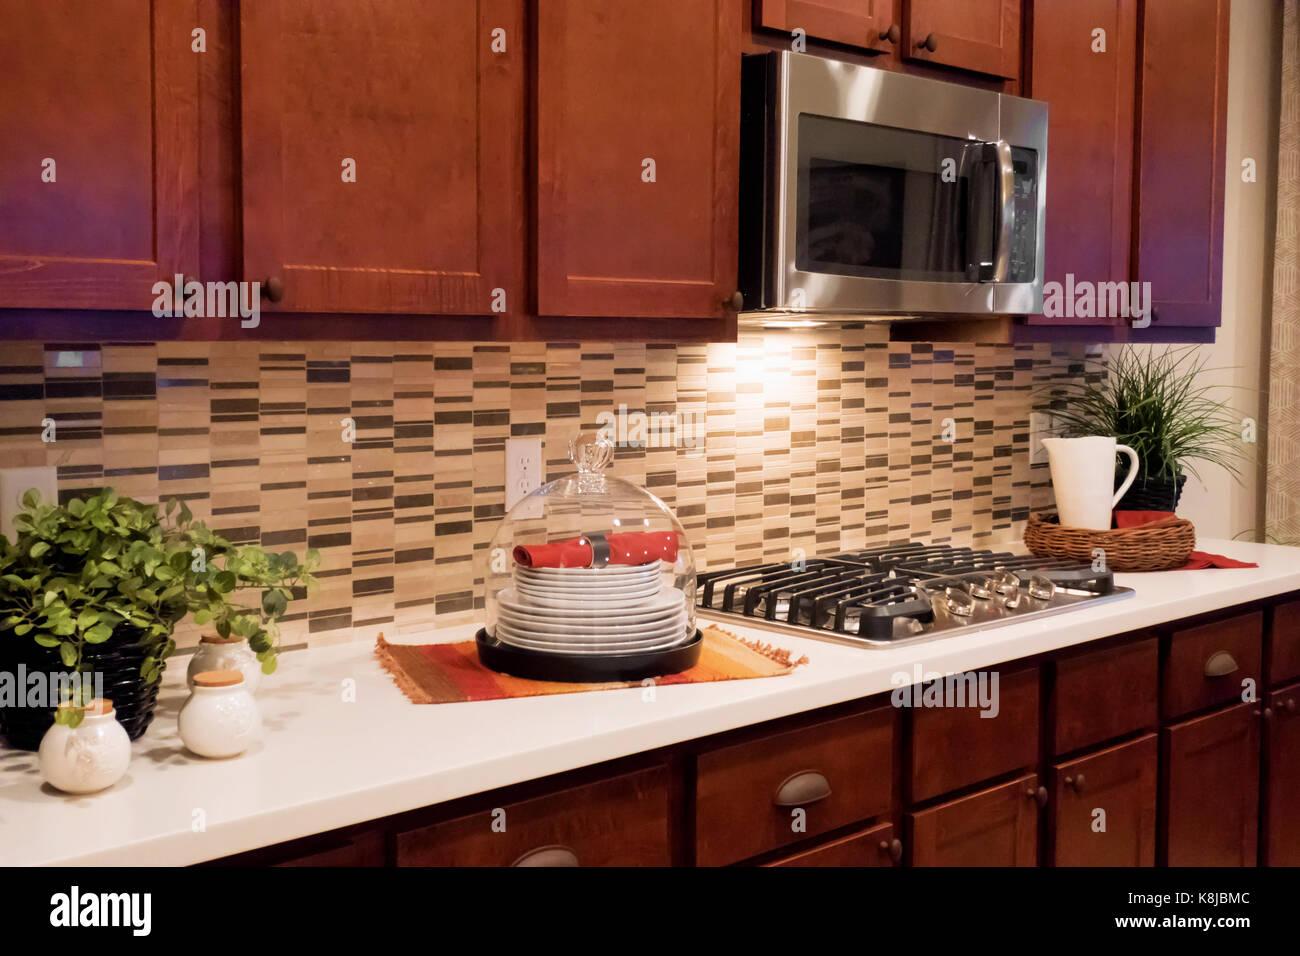 Banconi Per Ufficio Armamento : Glass cabinets immagini & glass cabinets fotos stock alamy